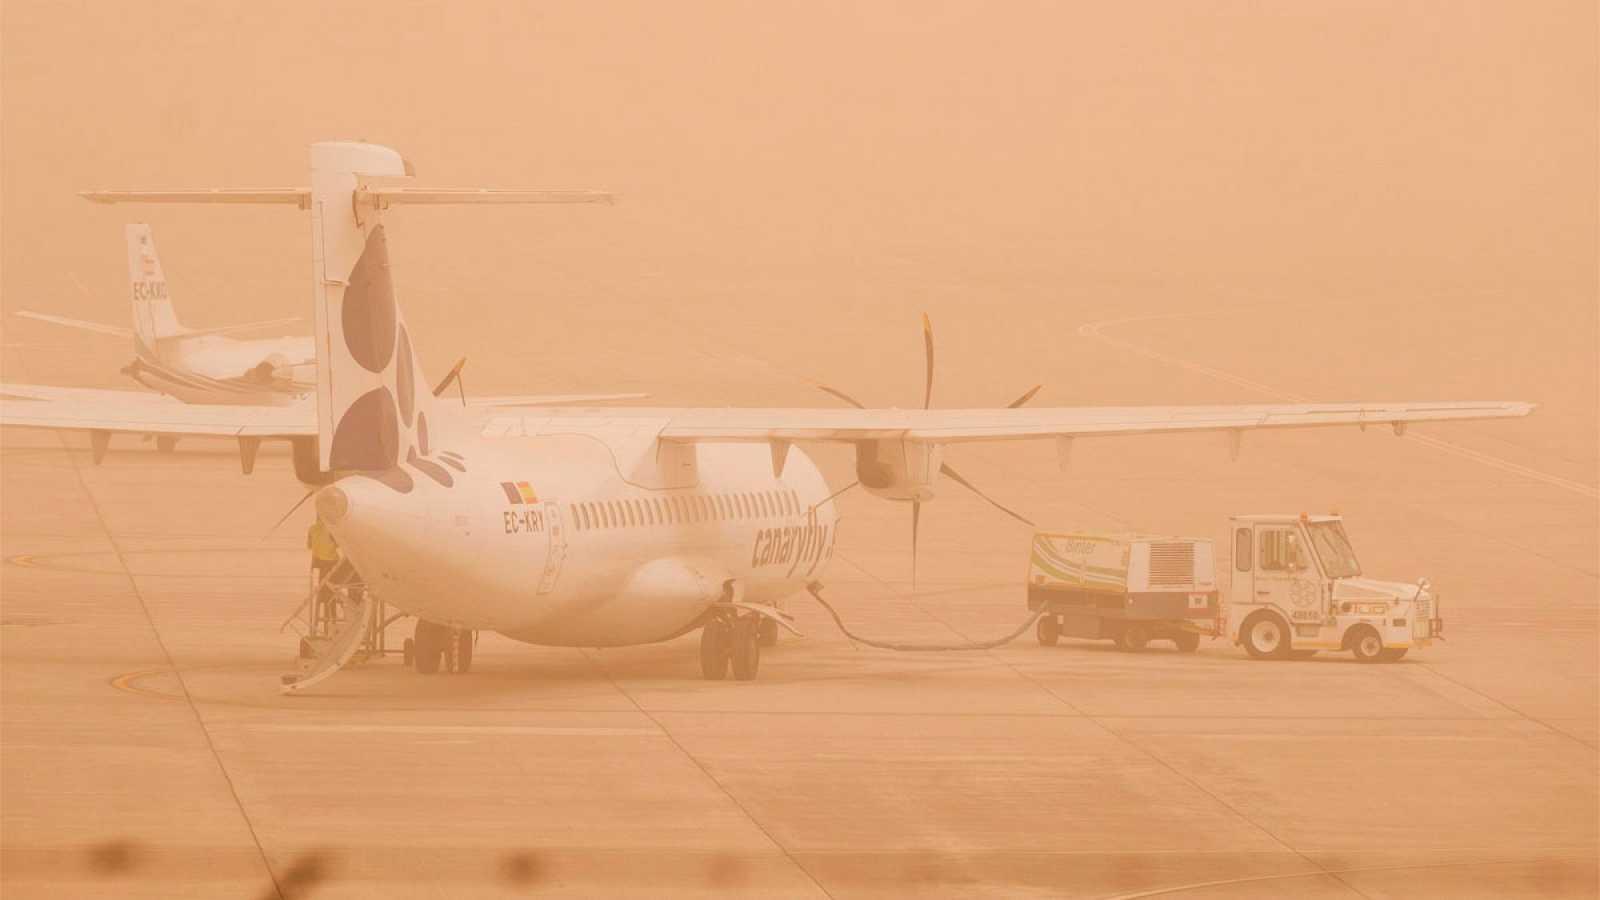 Suspendido el tráfico aéreo en las Islas Canarias por la calima